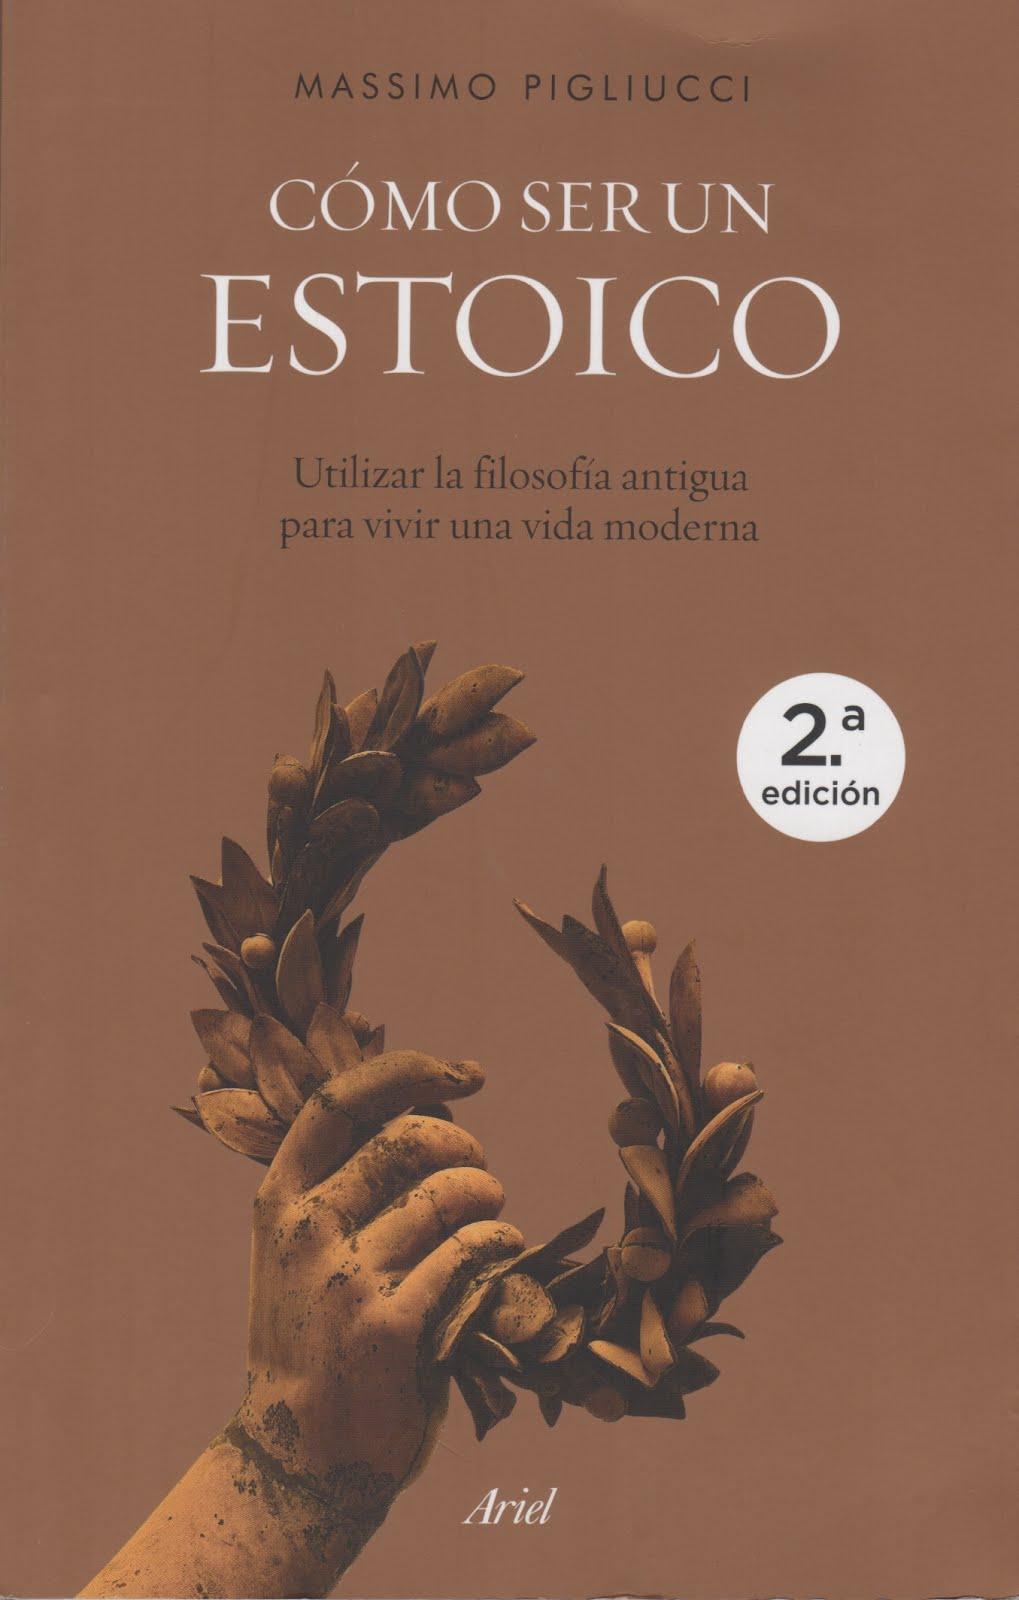 Massimo Pigliucci (Cómo ser un estoico) Utilizar la filosofía antigua para vivir una vida moderna